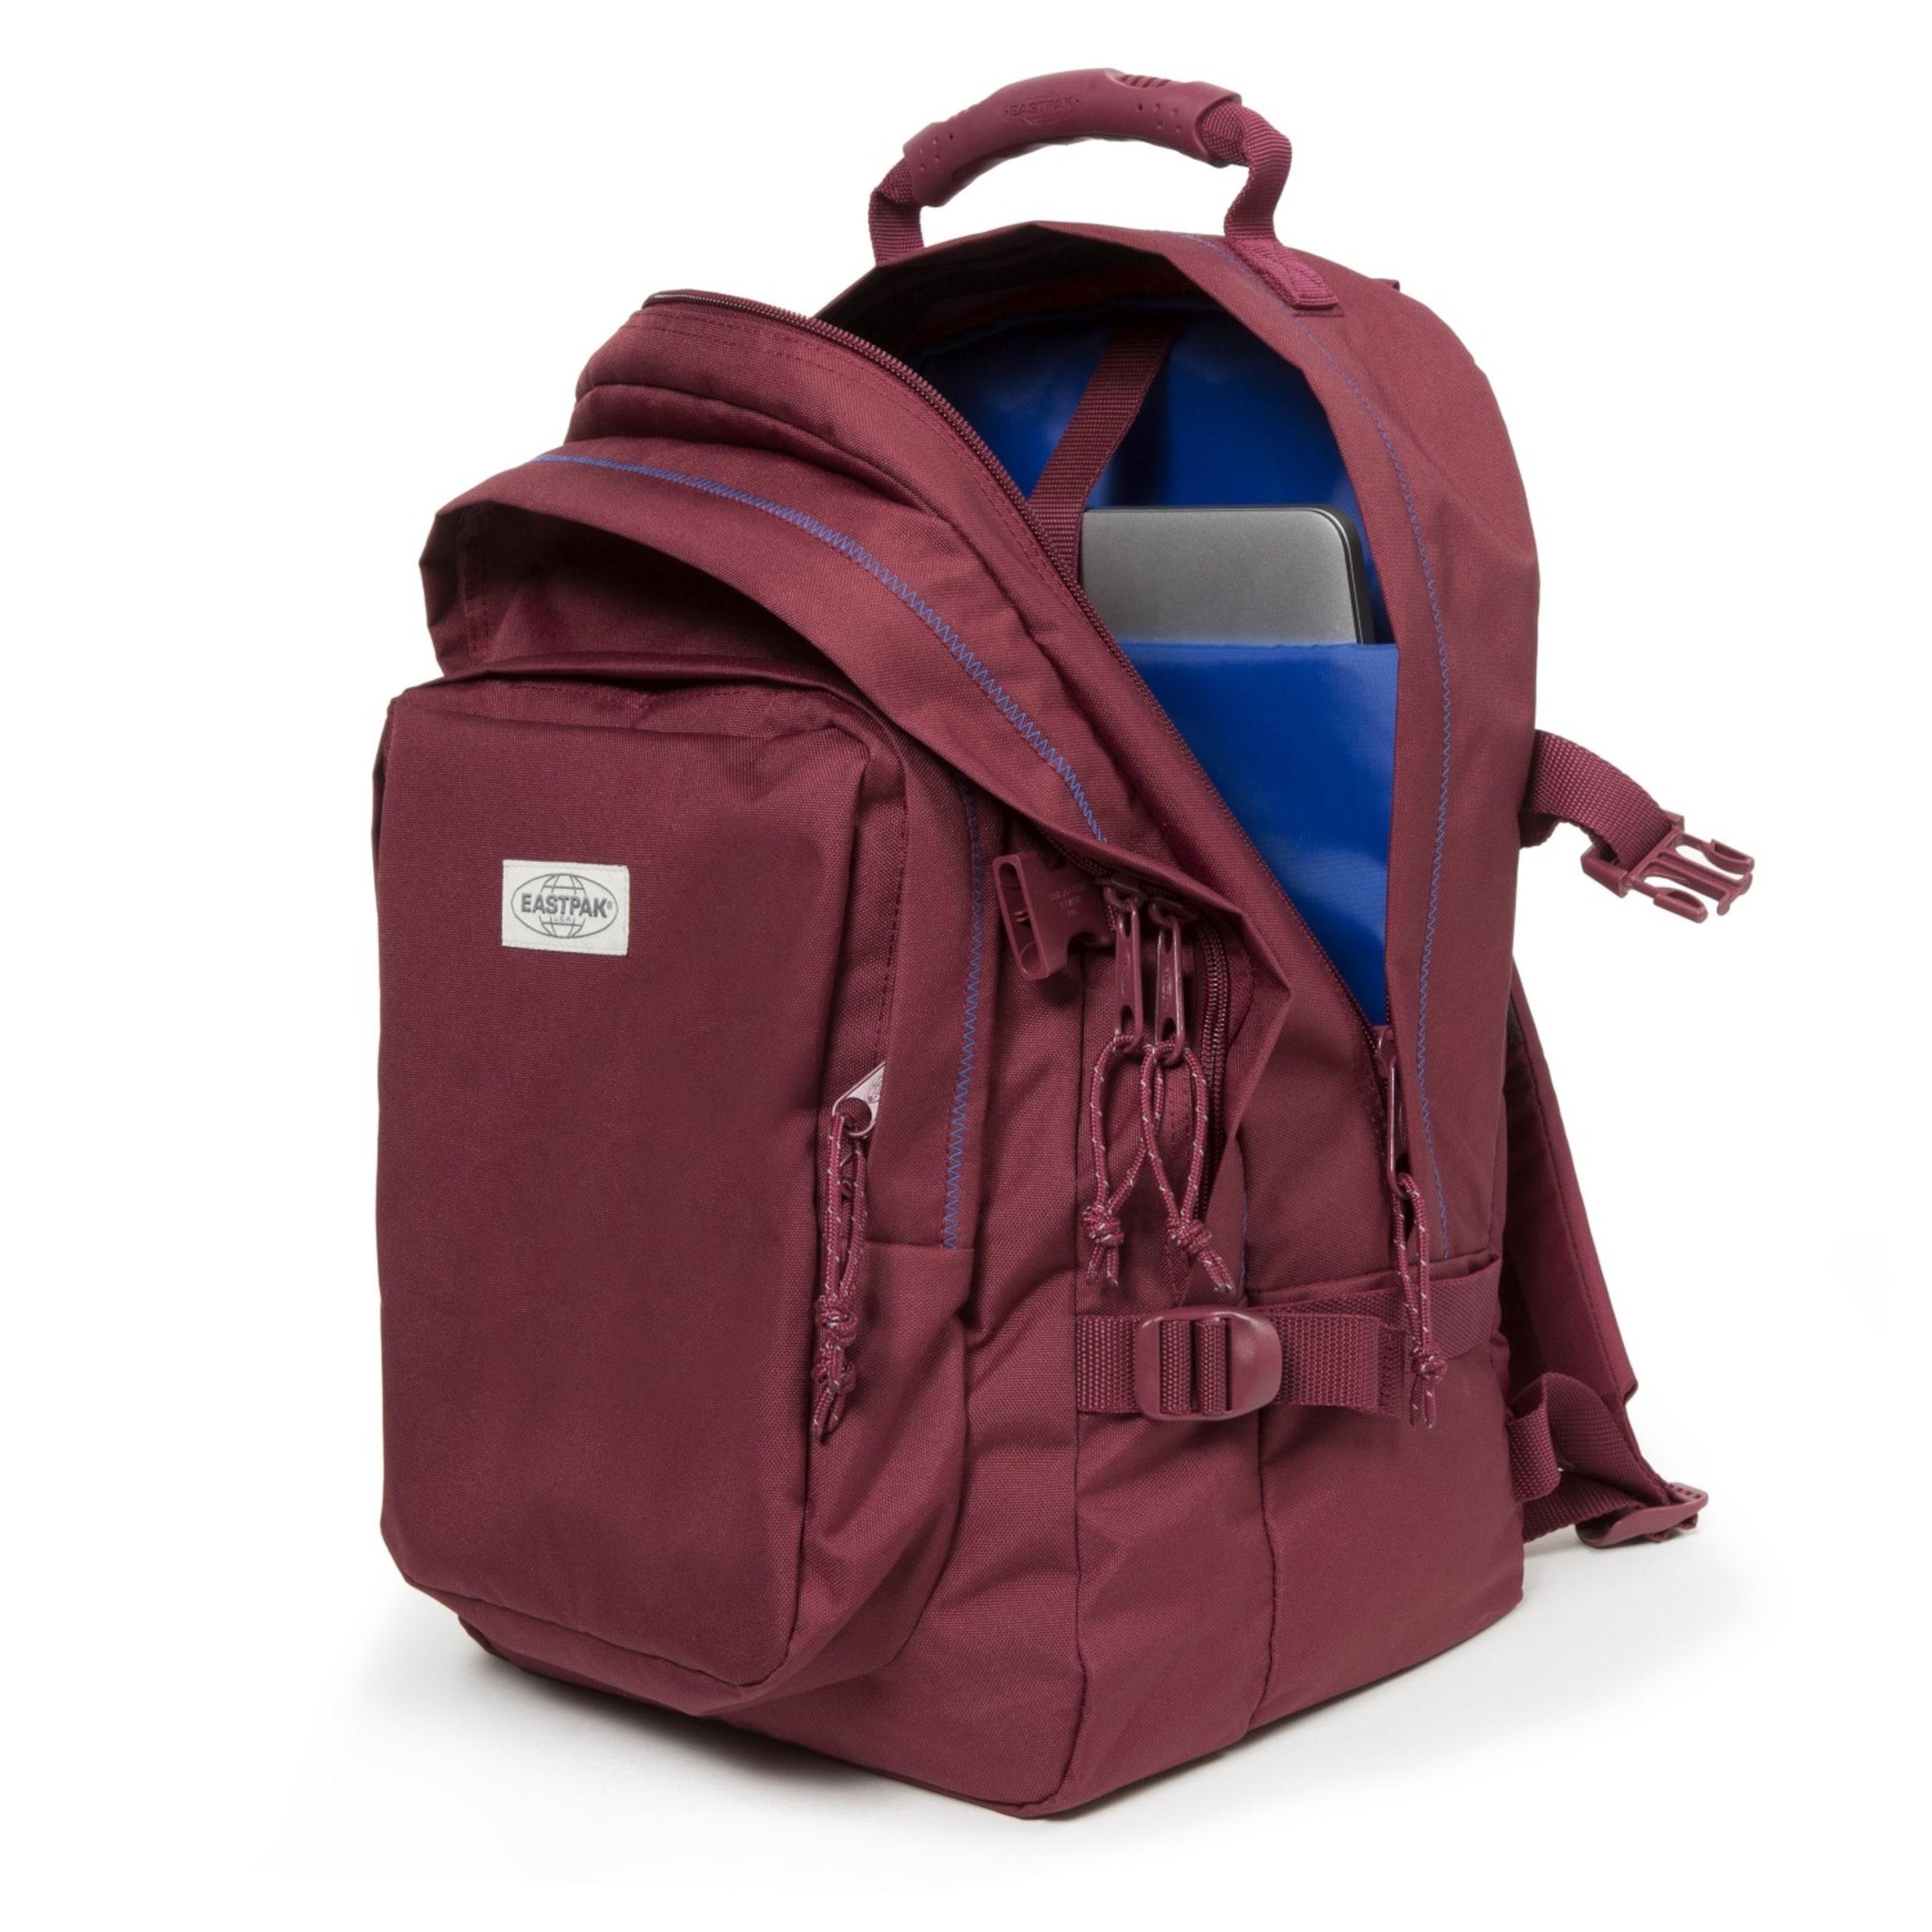 Klassisch Günstiger Preis Verkauf Von Top-Qualität EASTPAK Authentic Collection Provider 17 III Rucksack 44 cm Laptopfach Ausgezeichnete Günstig Online PquNOVc